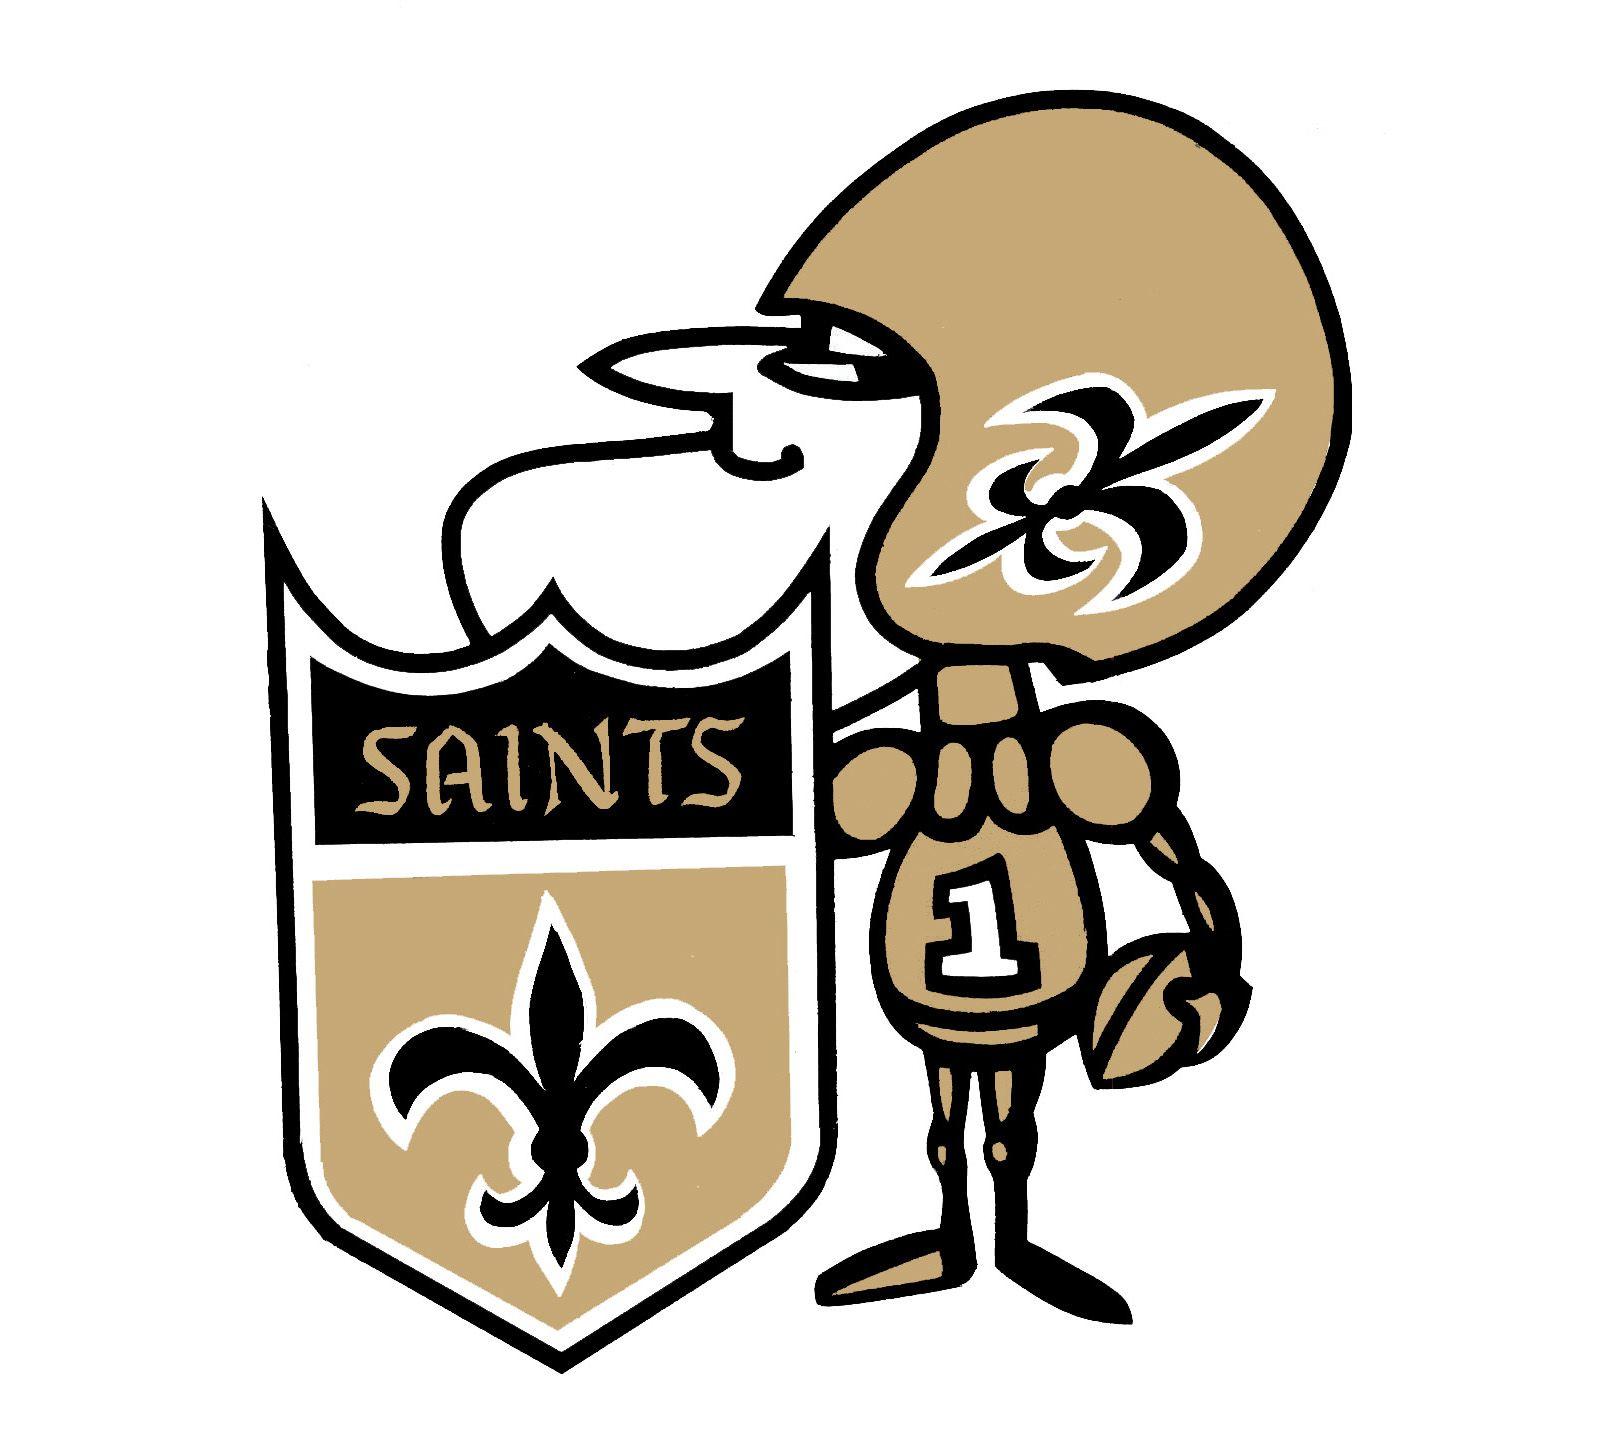 Sir Saint Emblem New Orleans Saints Logo New Orleans Saints Football Nfl Saints